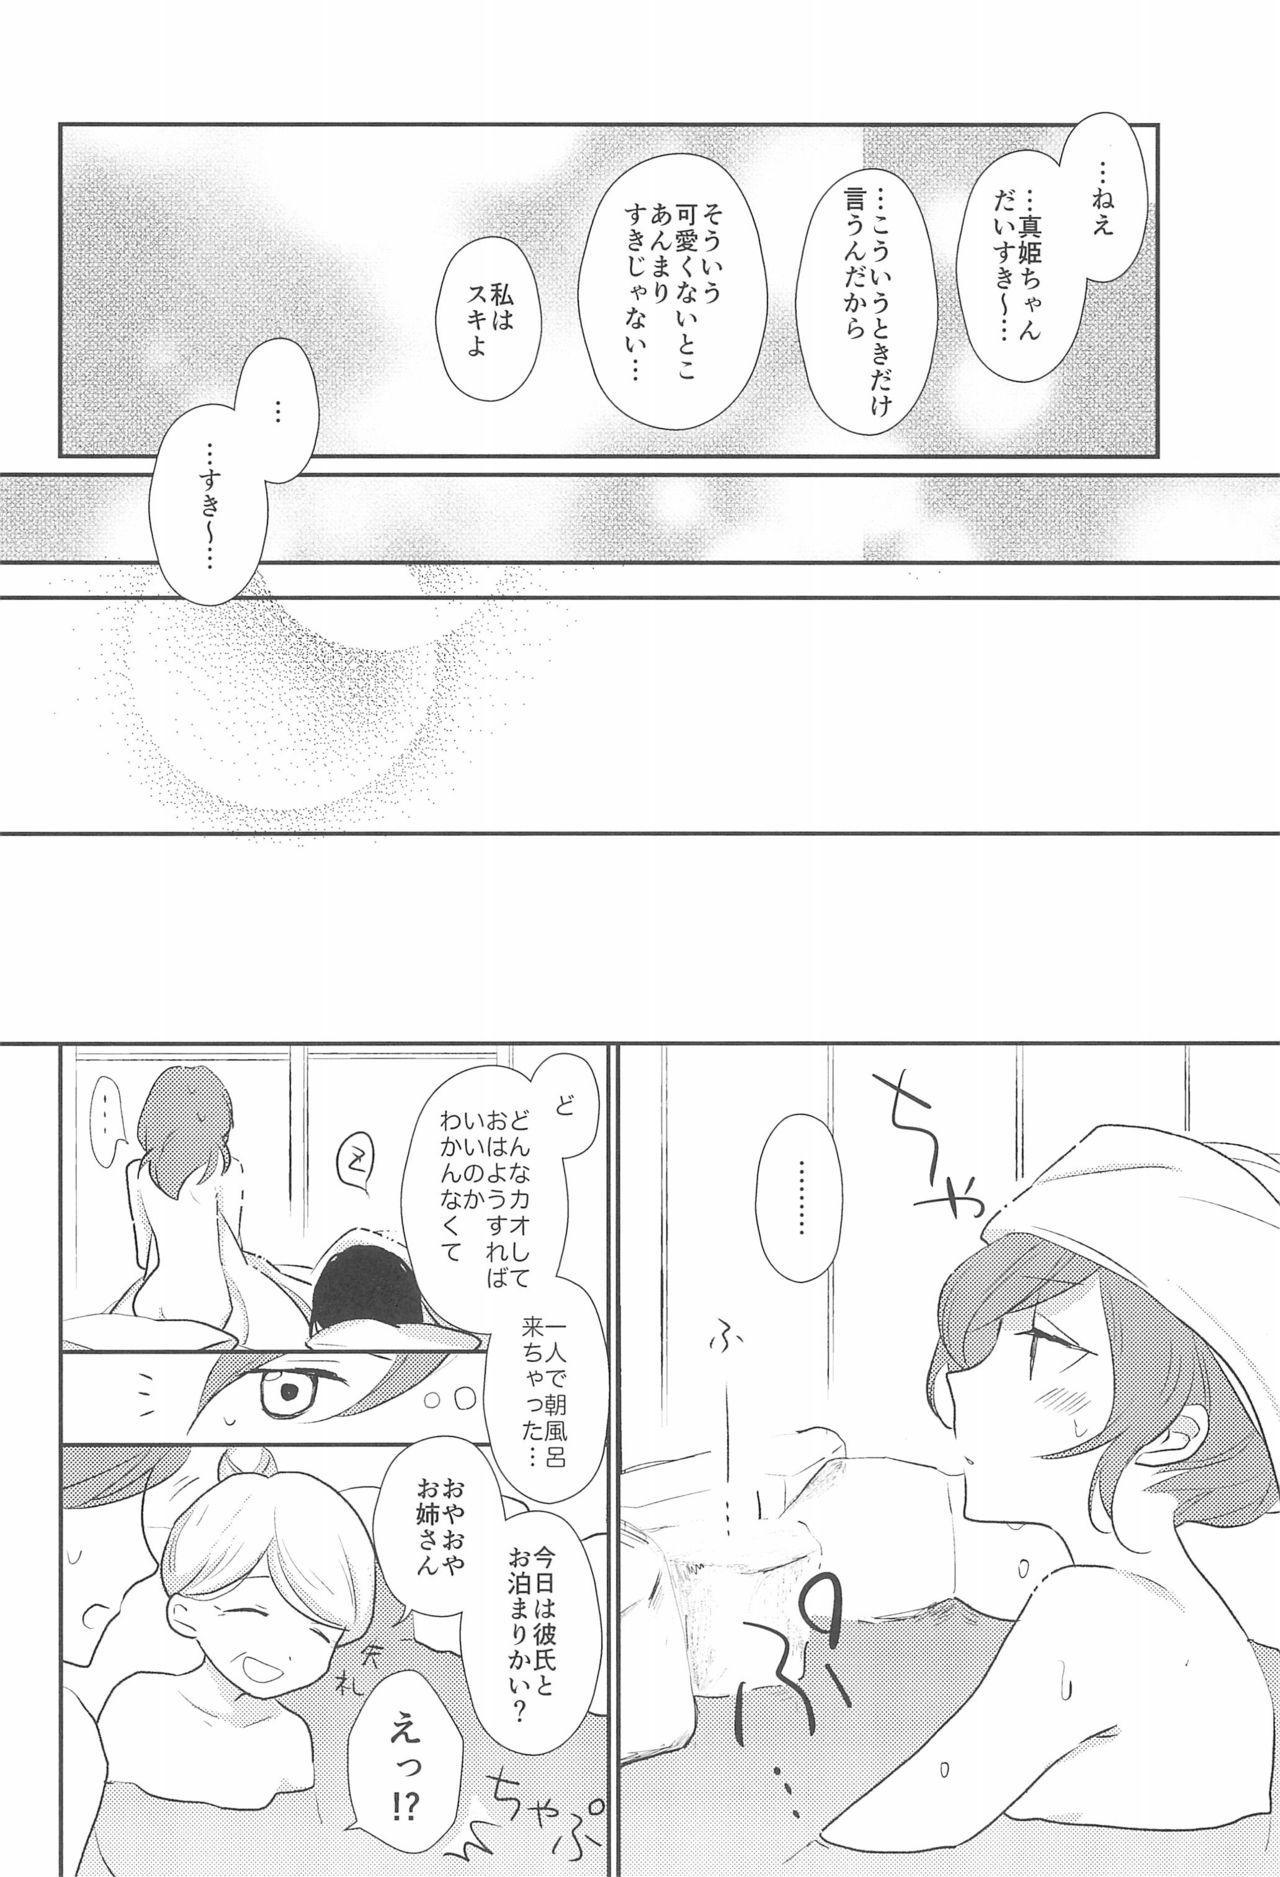 Kimi wo Shiru Tabi 25